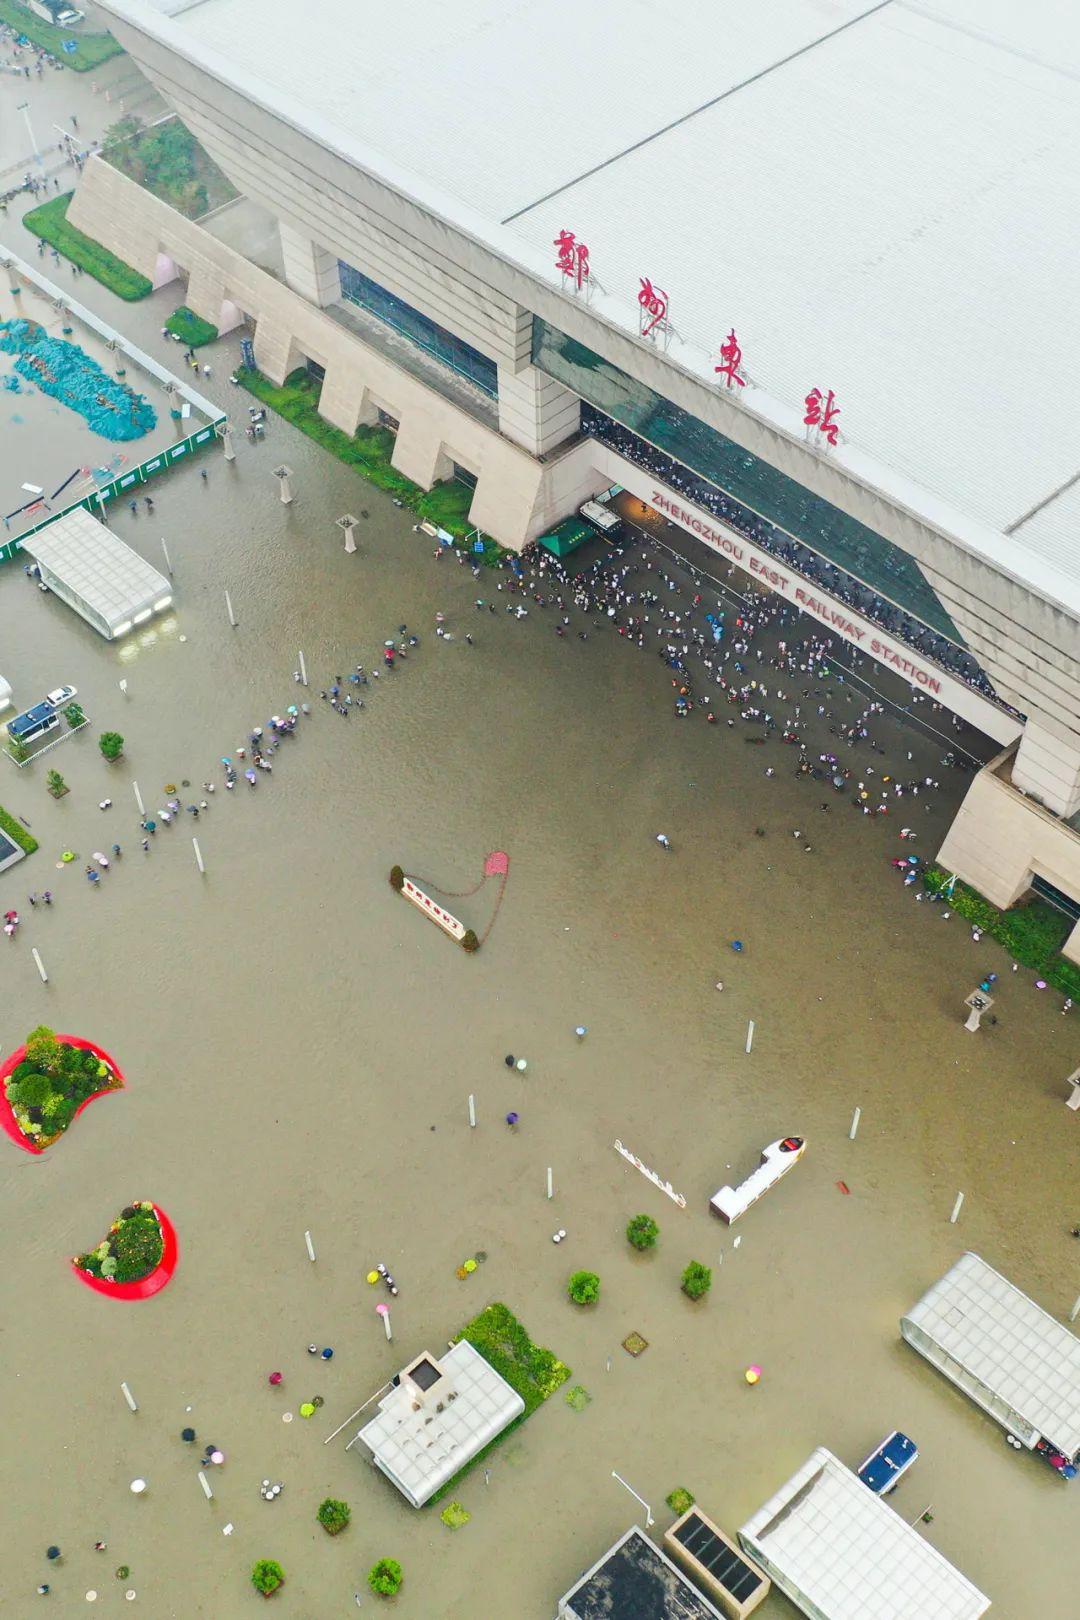 ▲ 7月20日,被内涝包围的郑州东站,目前内涝已逐渐退却。摄影/焦潇翔